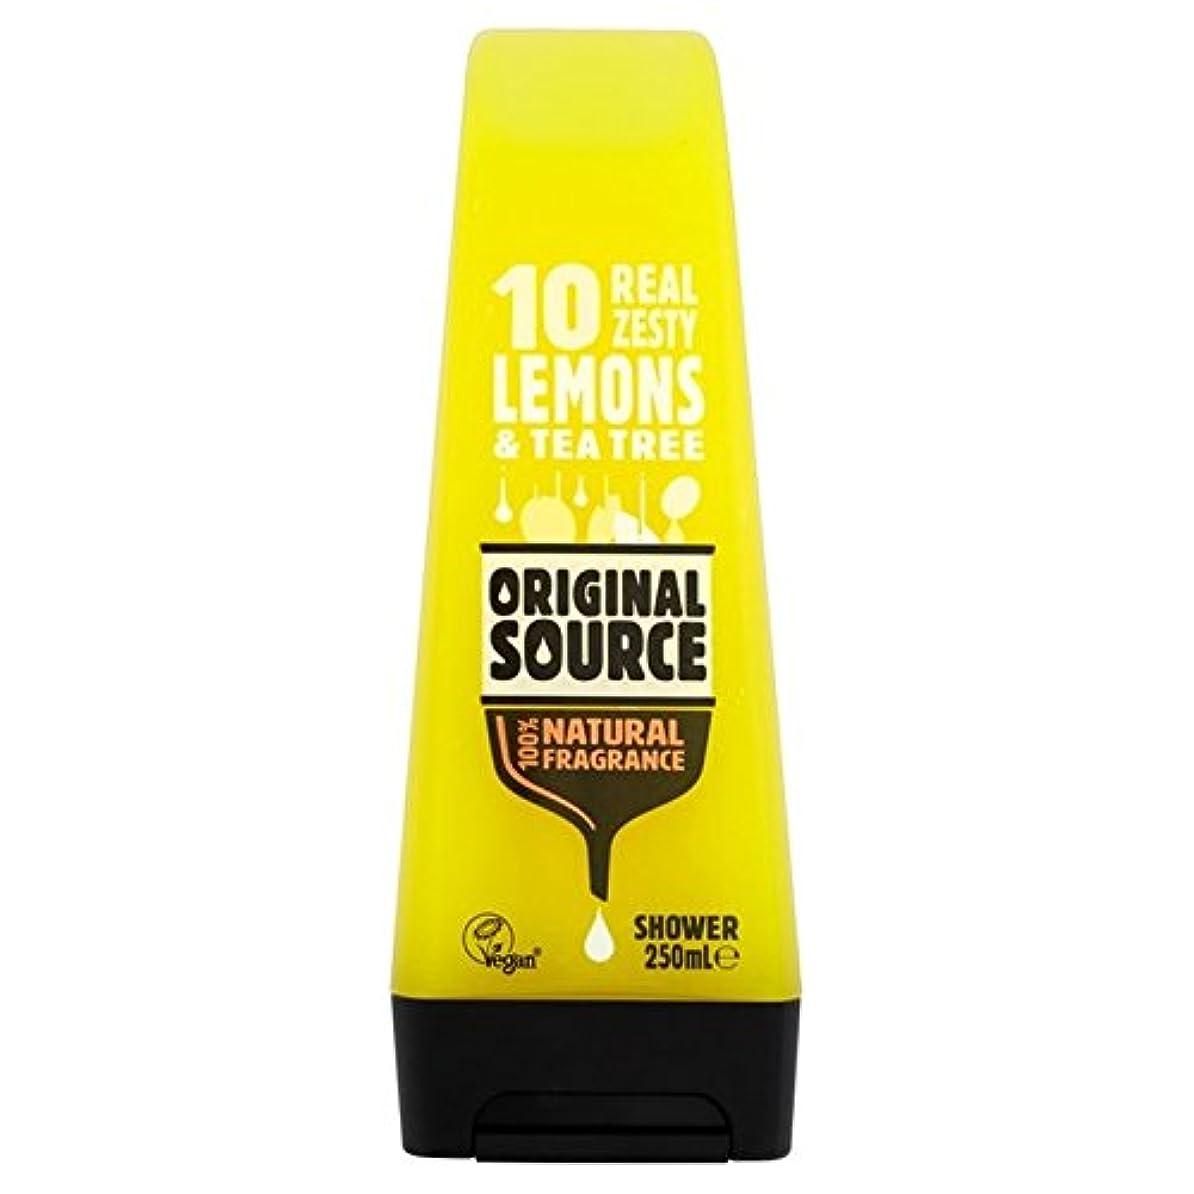 ボアオセアニア余暇元のソースのレモンシャワージェル250ミリリットル x4 - Original Source Lemon Shower Gel 250ml (Pack of 4) [並行輸入品]